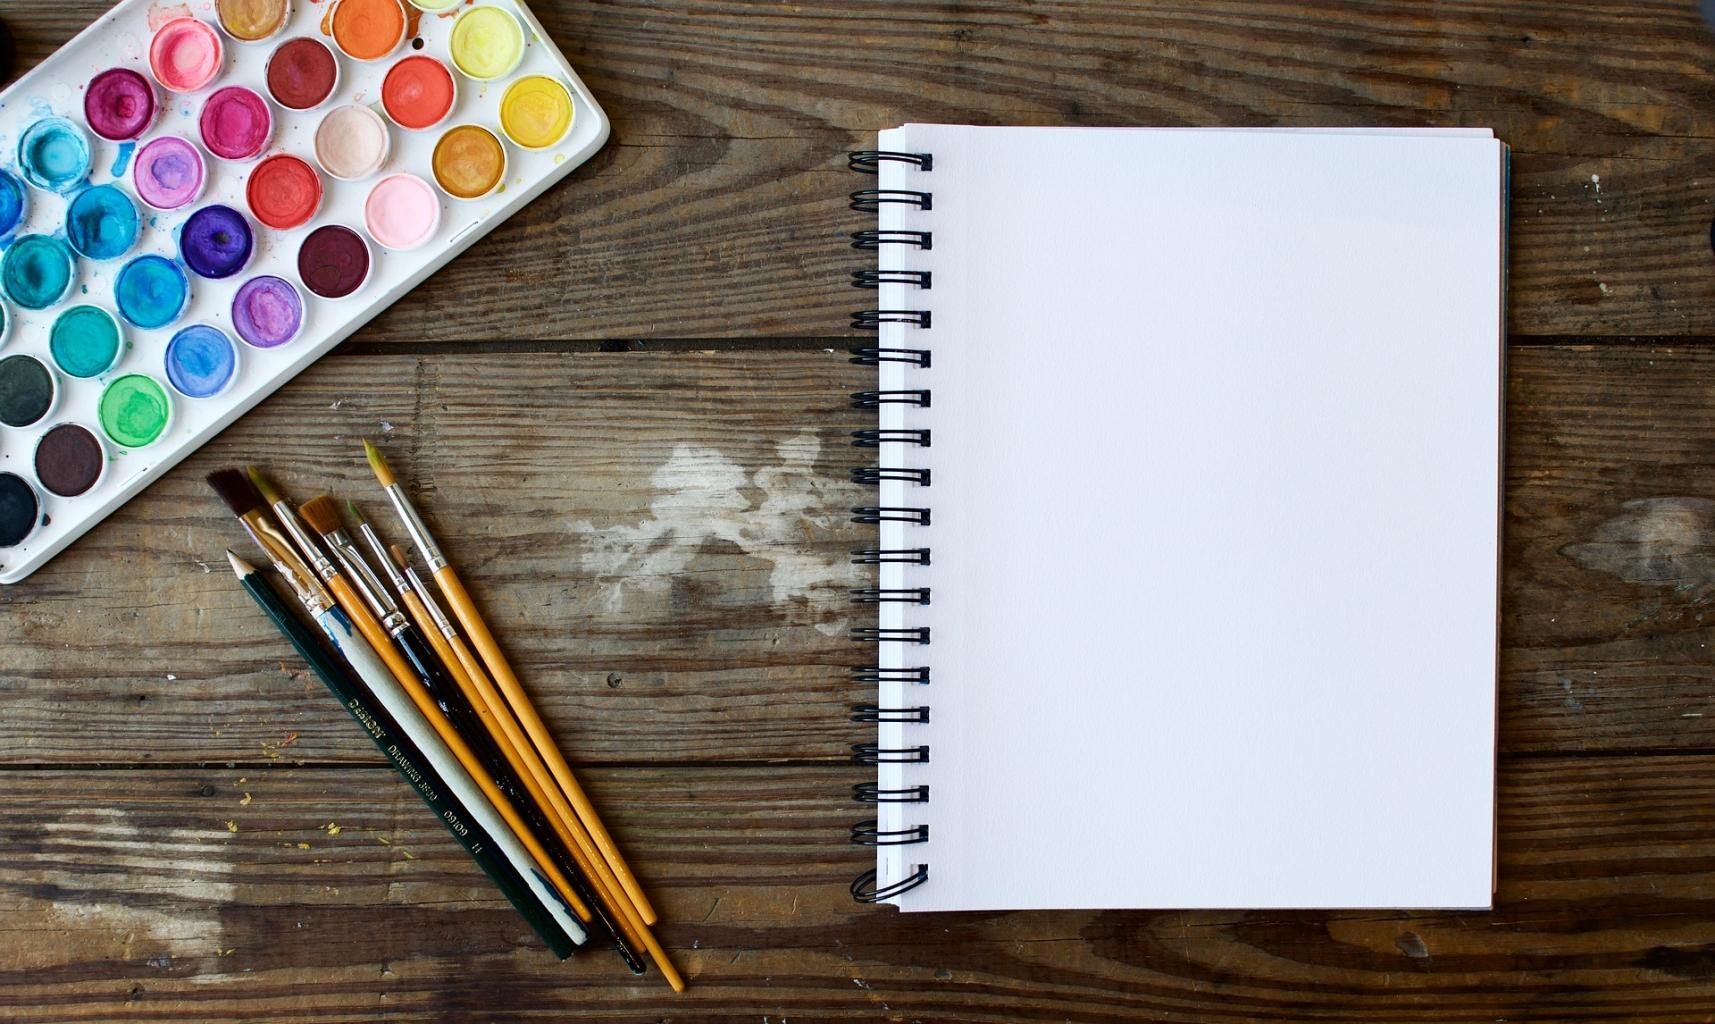 Festőkellékek, amelyek elengedhetetlenek a festők számára